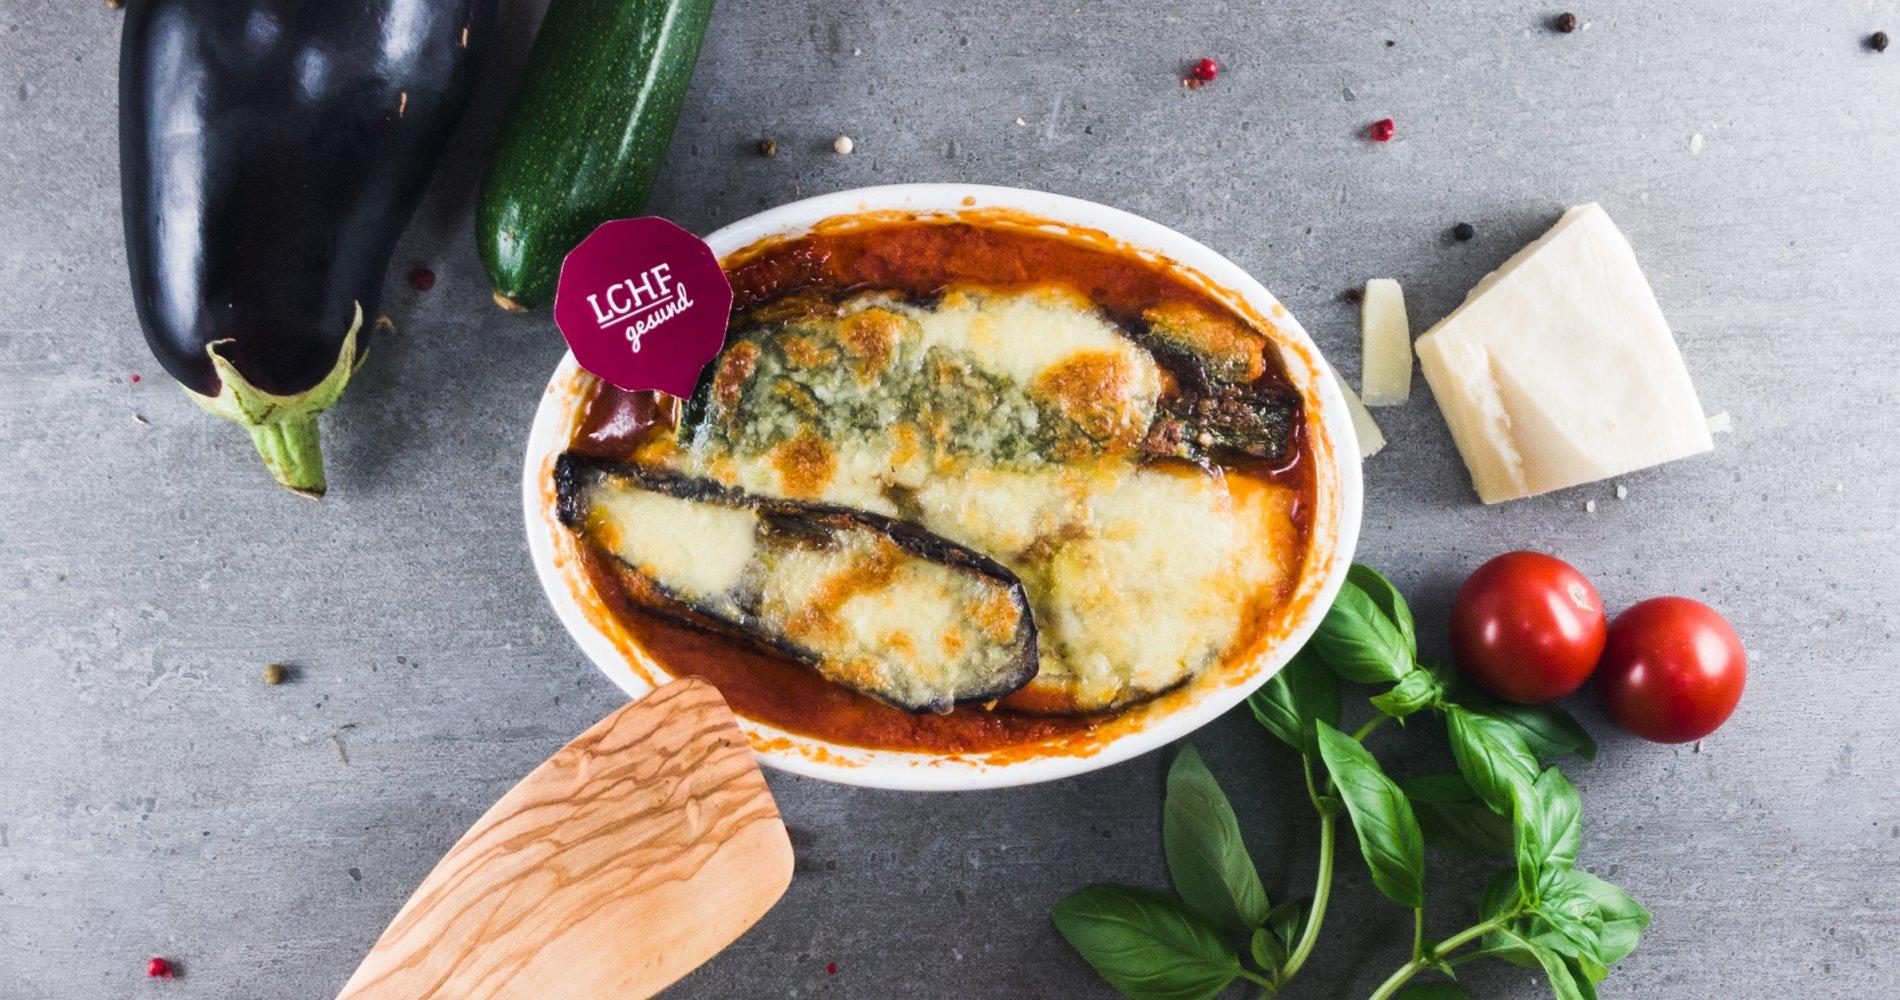 Rezept Low Carb: Vegetarische Auberginen-Zucchini-Lasagne - LCHF-gesund.de